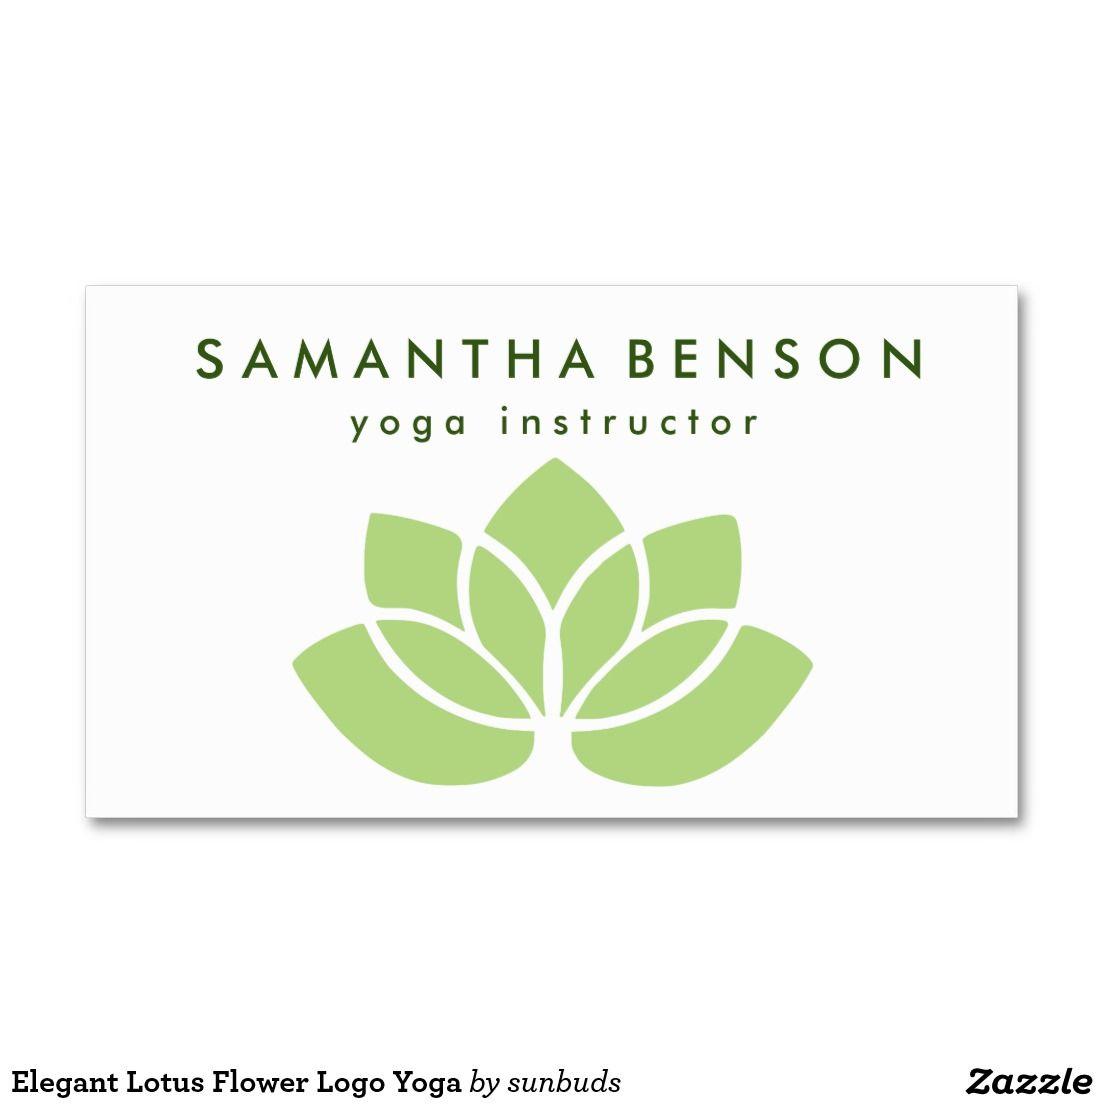 Elegant Lotus Flower Logo Yoga Business Card | Flower logo ...